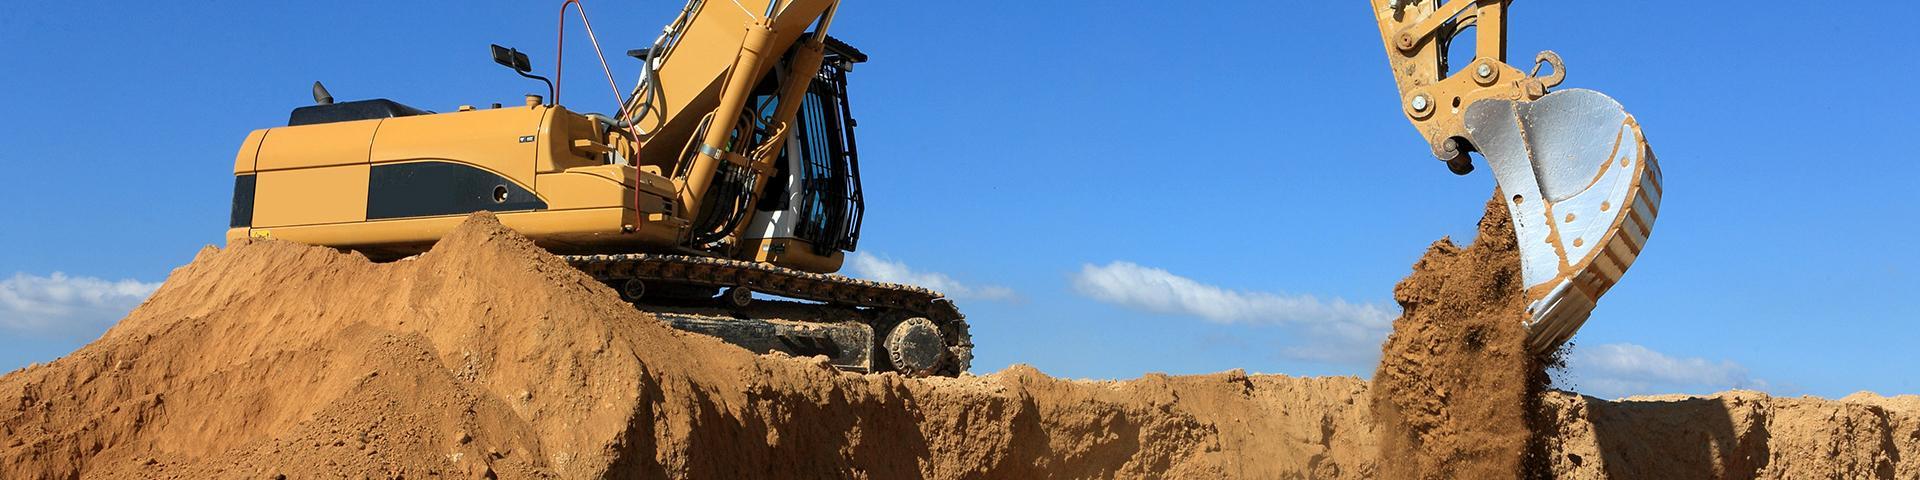 Vue d'un engin de chantier déversant de la terre